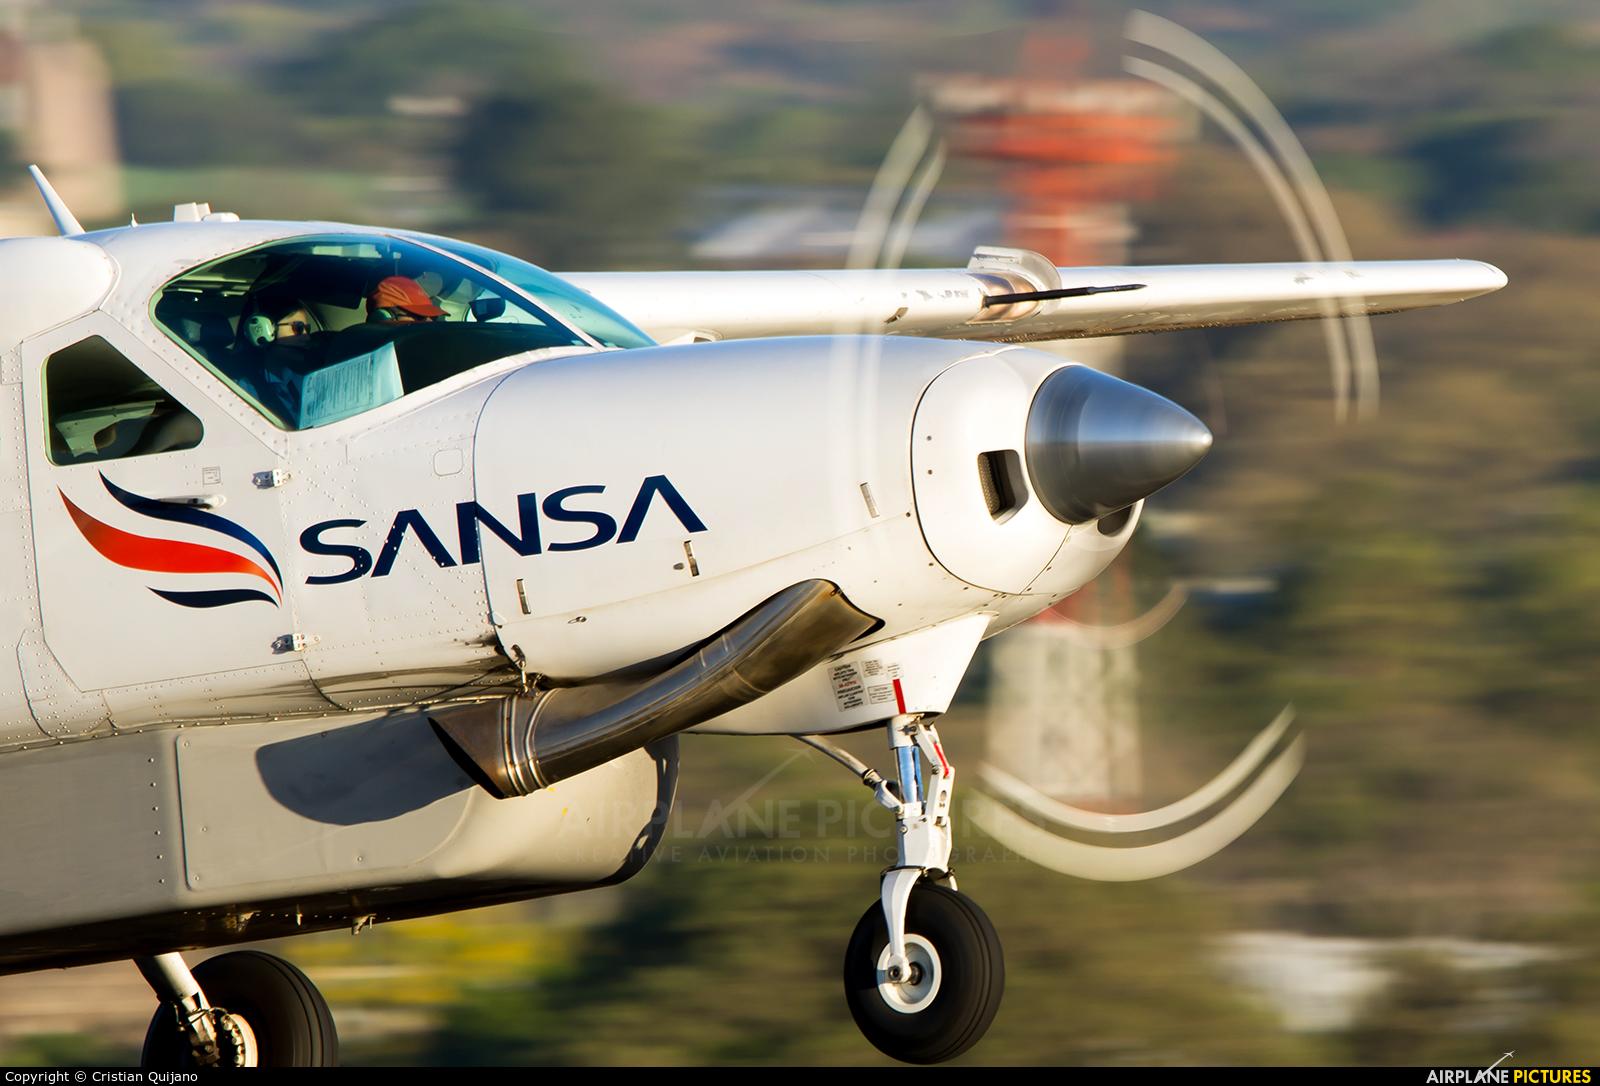 Sansa Airlines TI-BDY aircraft at San Jose - Juan Santamaría Intl